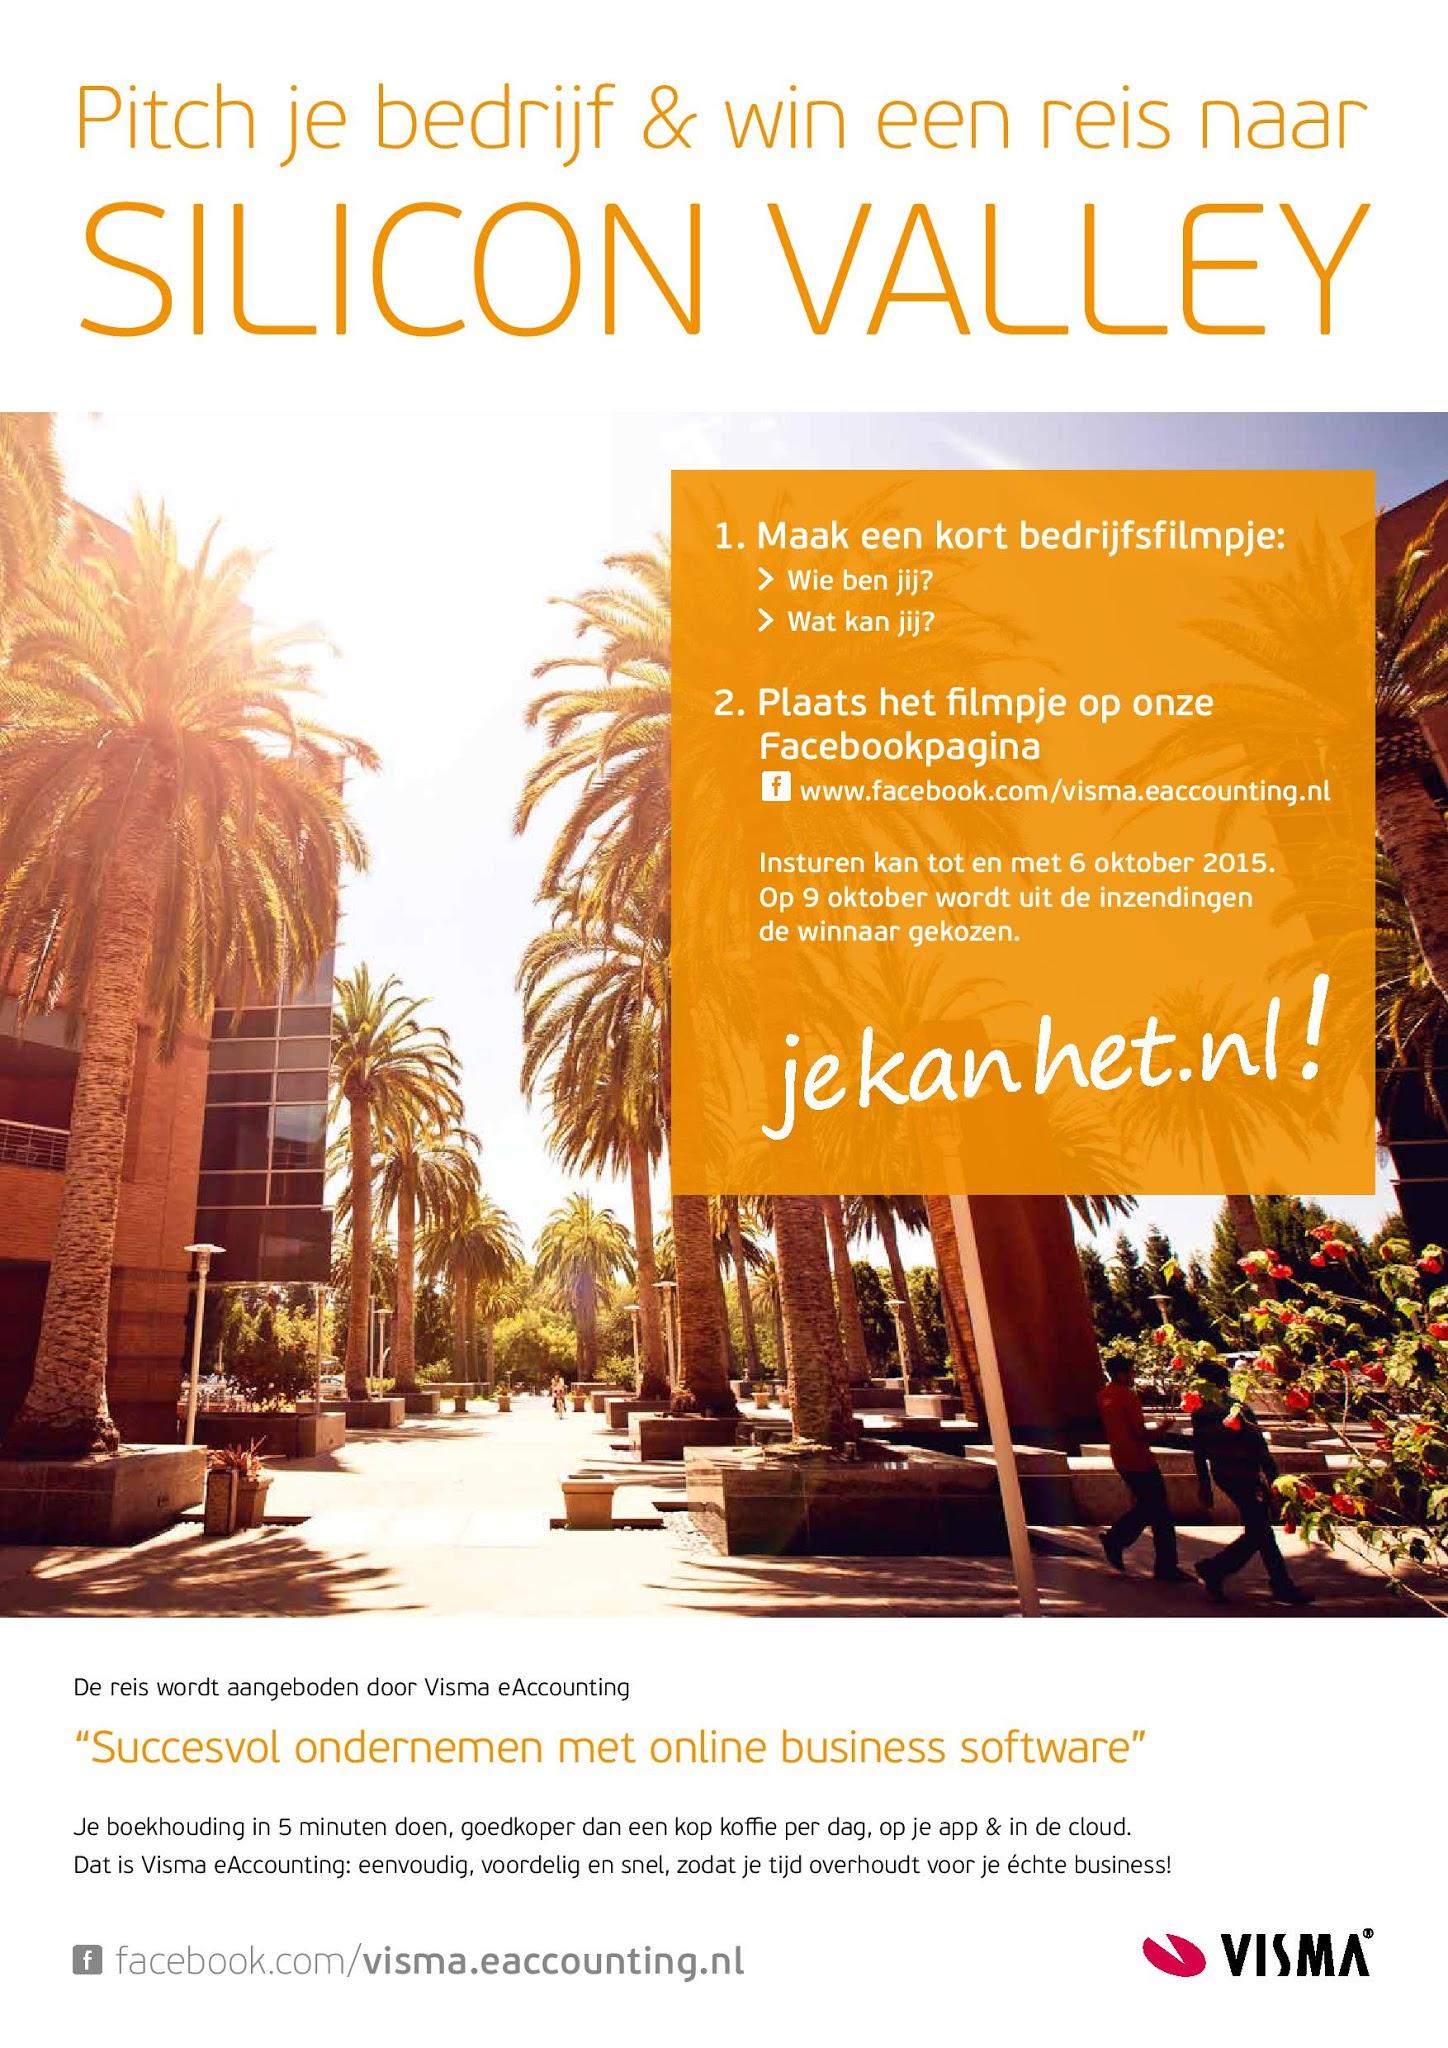 Ontwerp campagneposter 'Pitch je bedrijf!' voor Visma e-Accounting. Door: www.zuurstof.nl